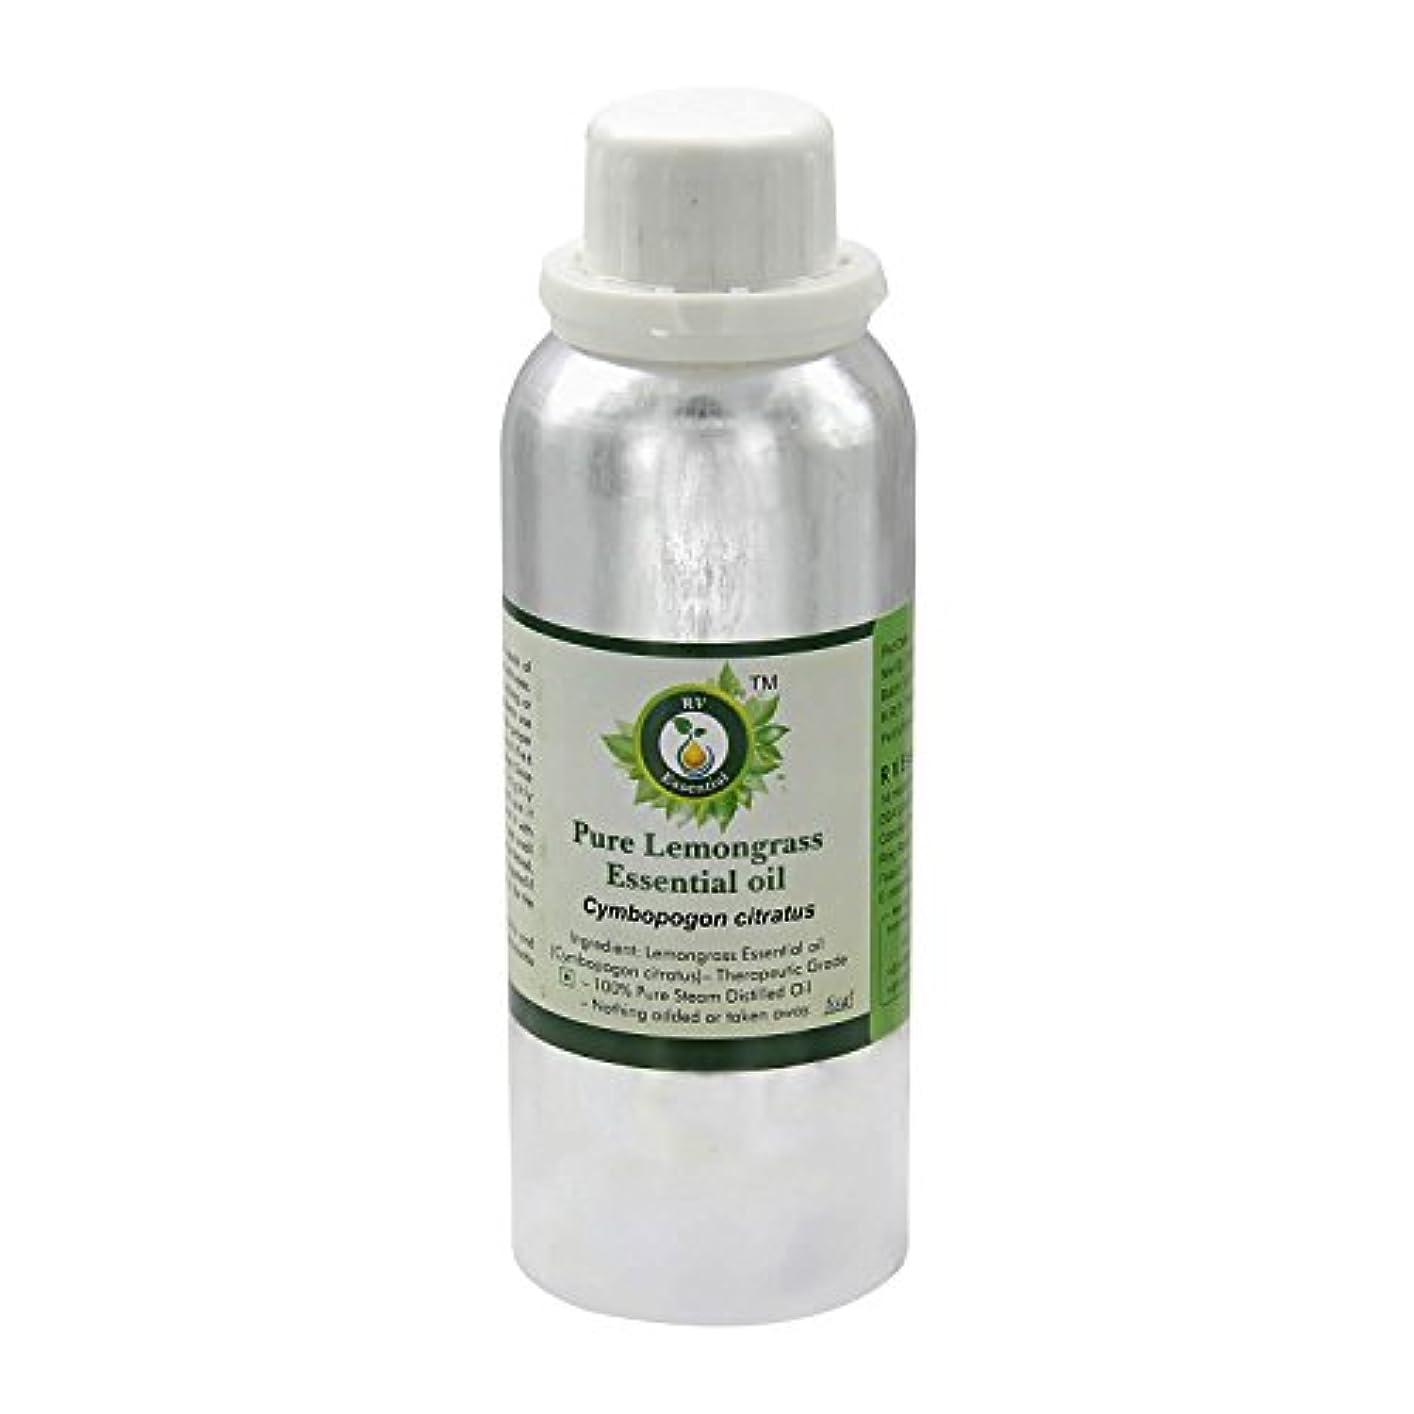 破壊的最愛のハチR V Essential ピュアレモングラスエッセンシャルオイル300ml (10oz)- Cymbopogon Citratus (100%純粋&天然スチームDistilled) Pure Lemongrass Essential...